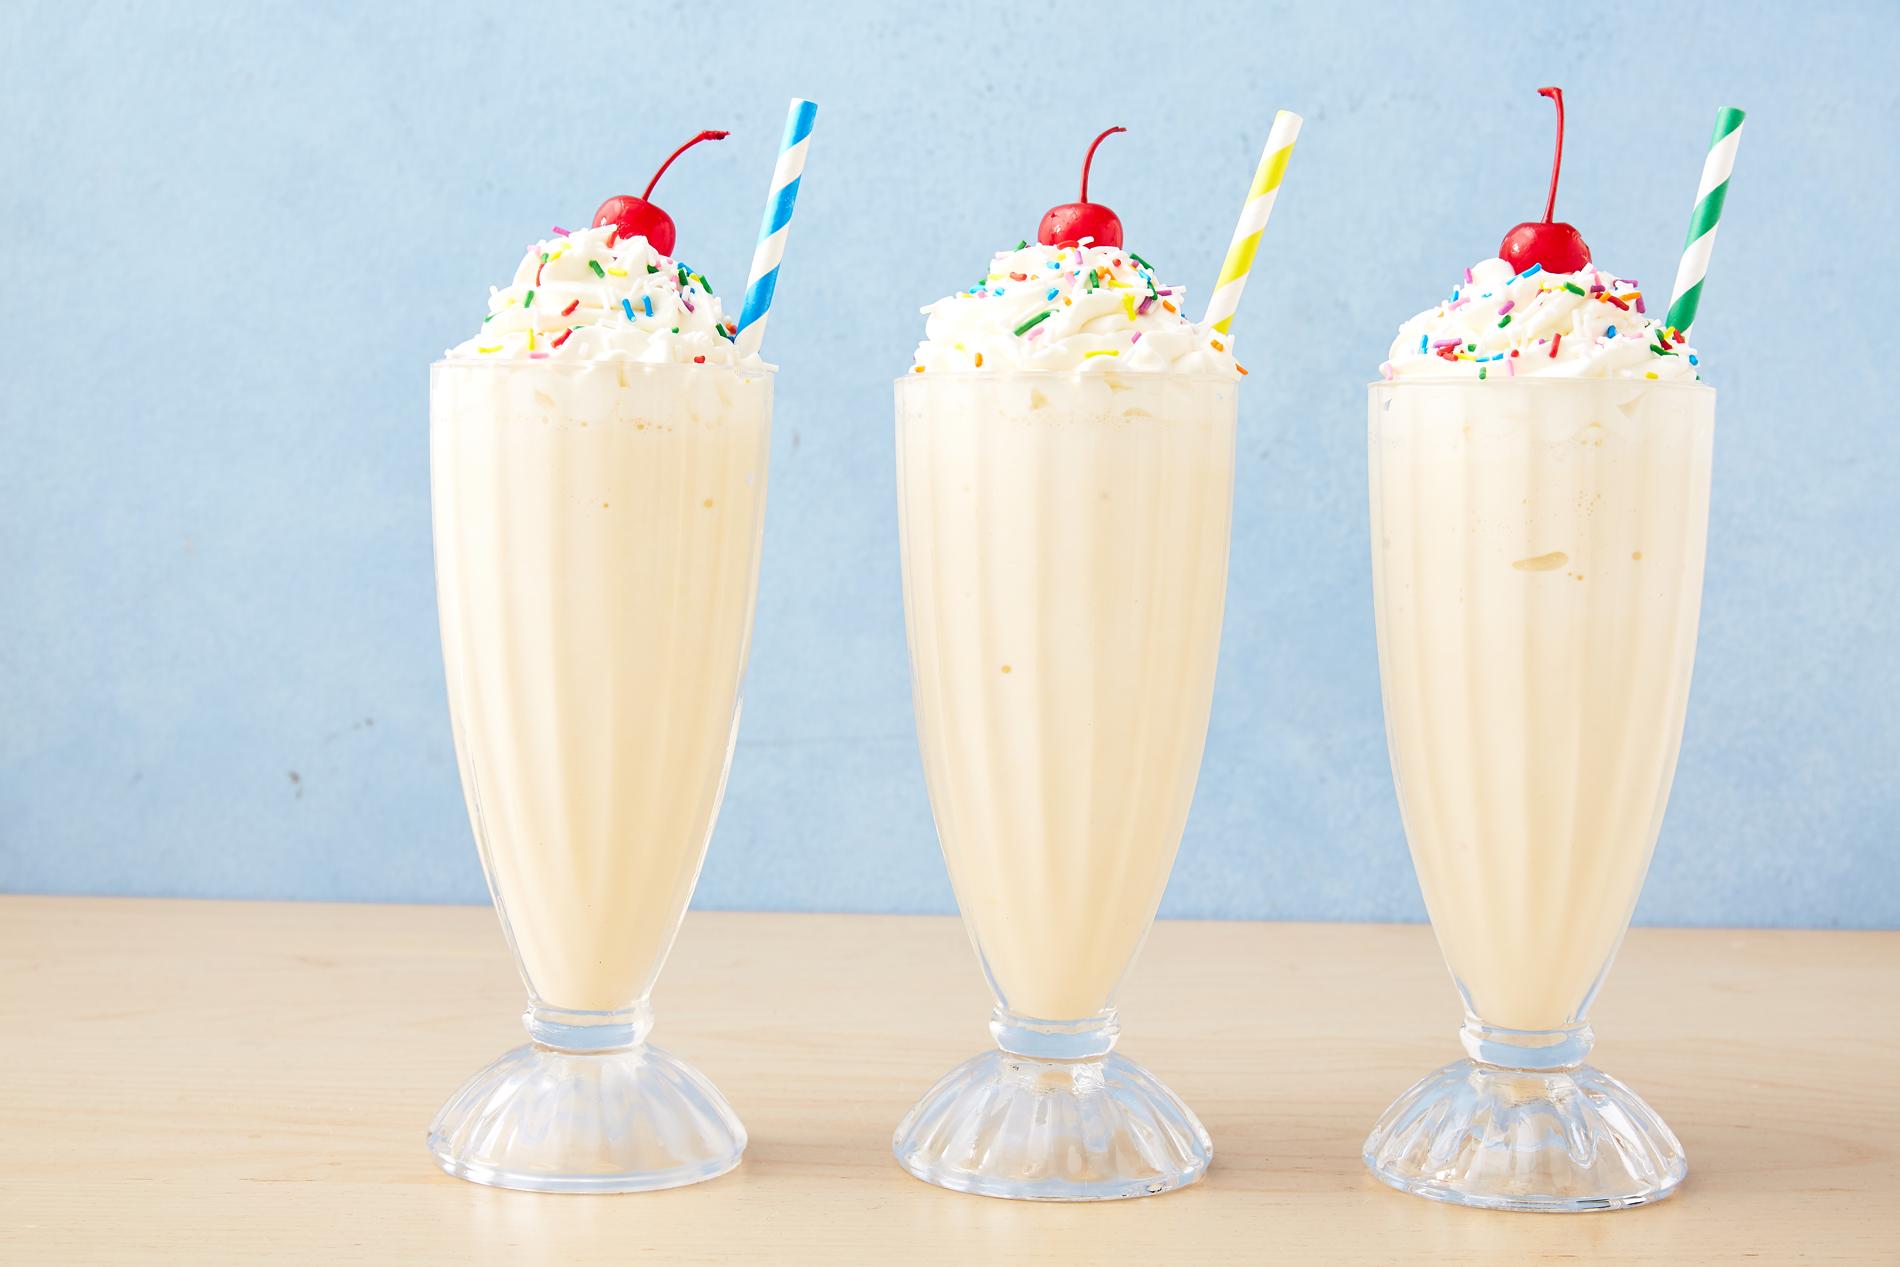 Bí quyết làm một ly milkshake thơm ngon